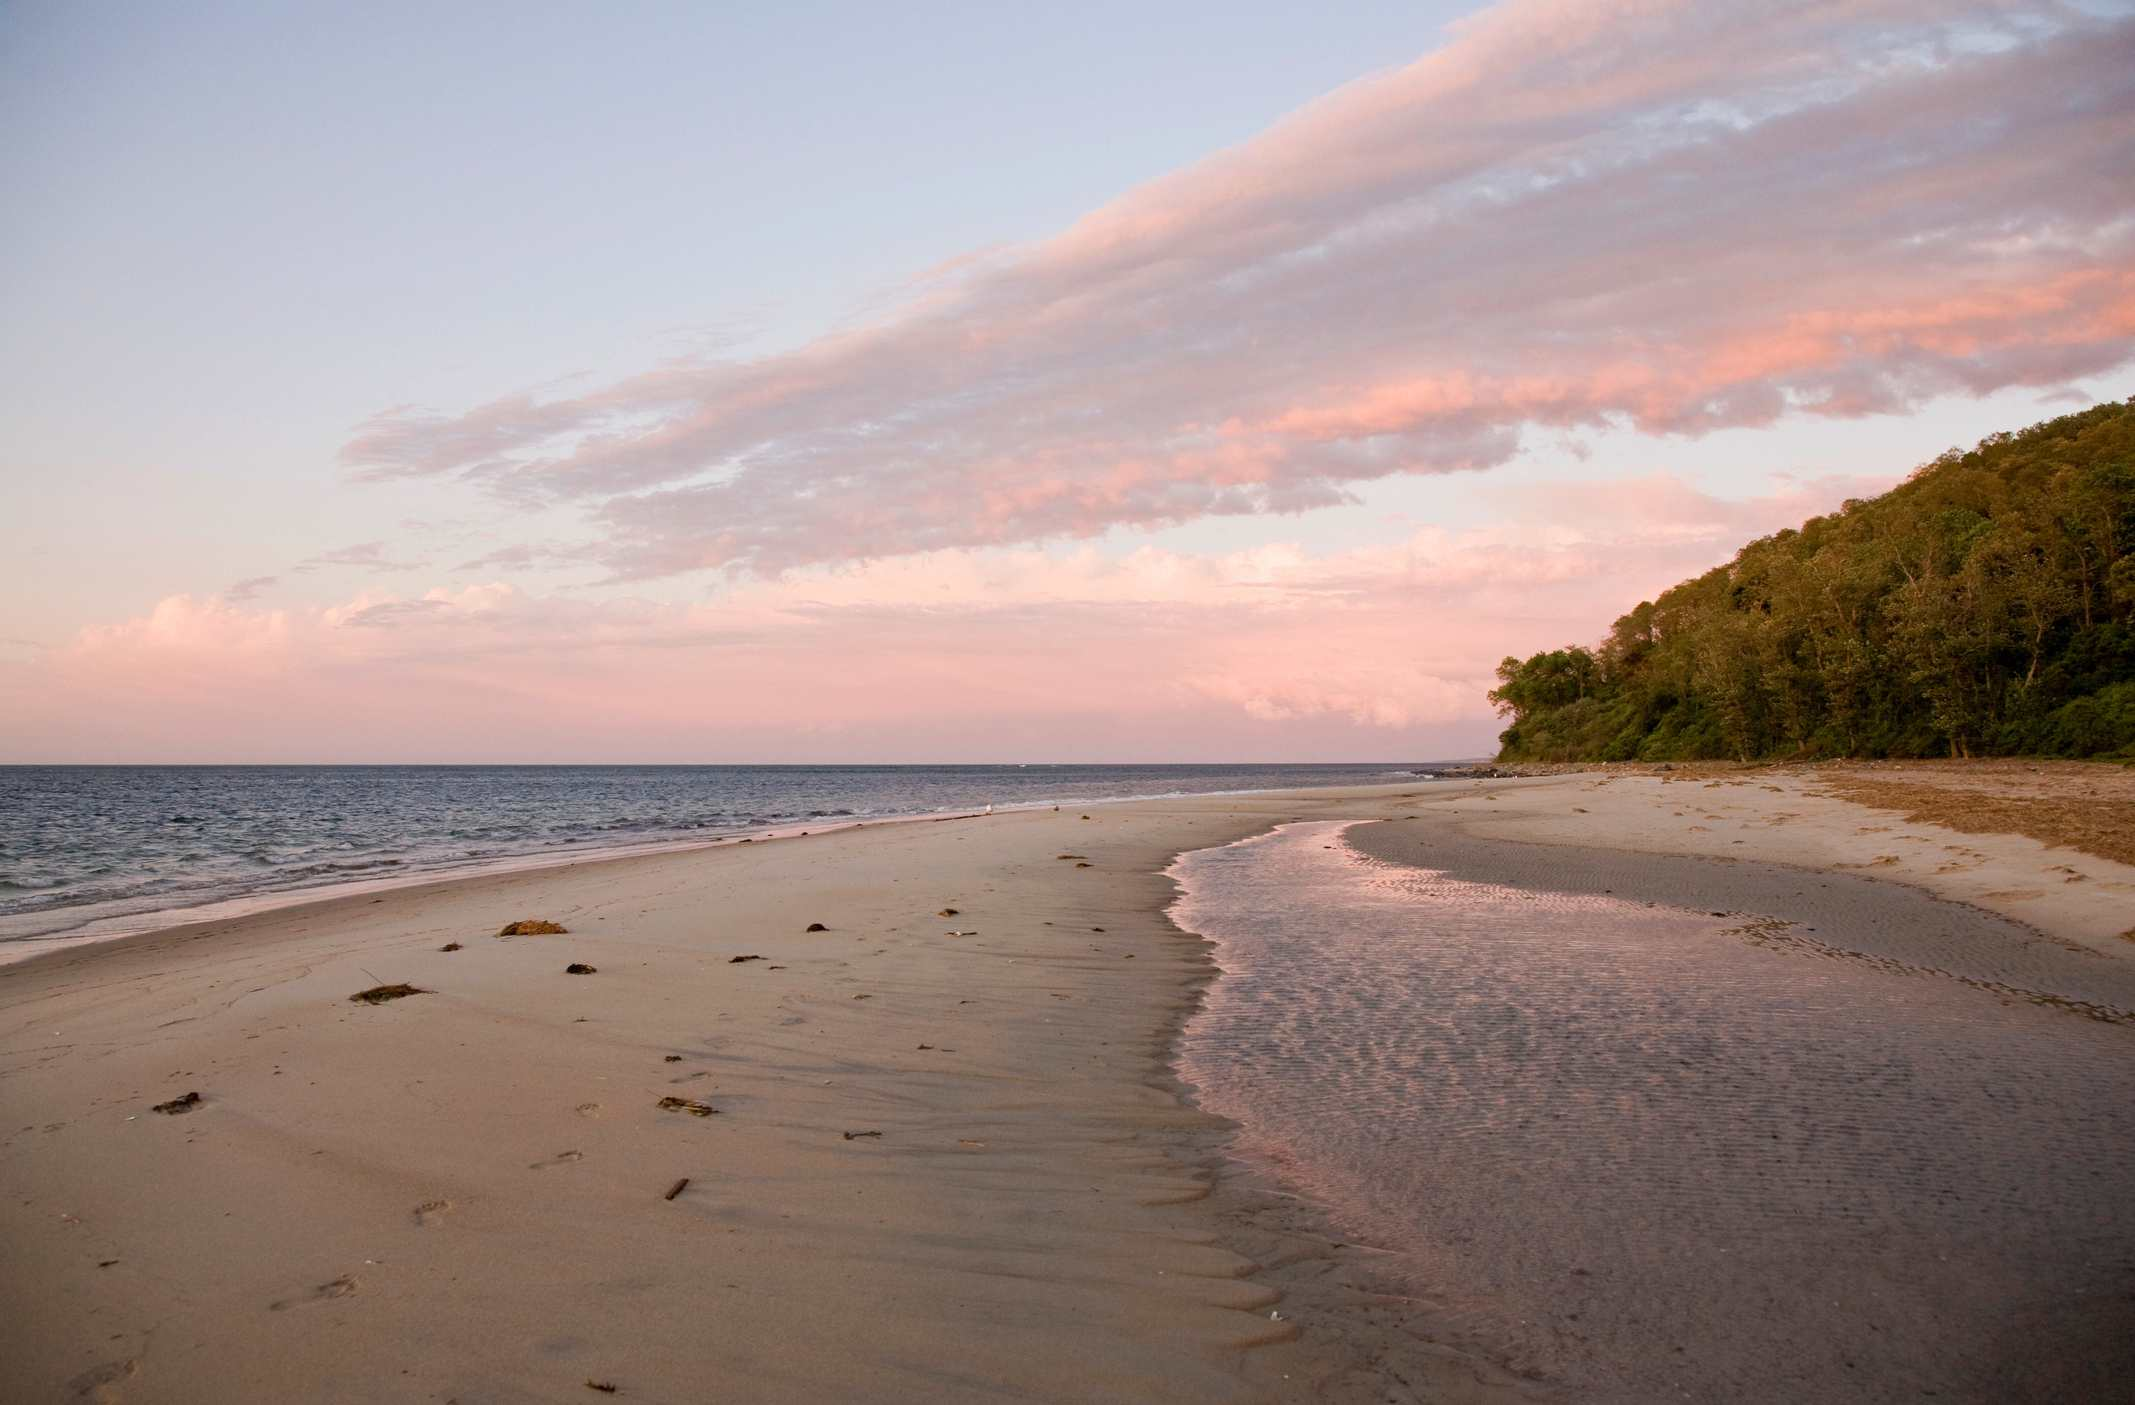 Crane Beach, Ipswich, Massachusetts